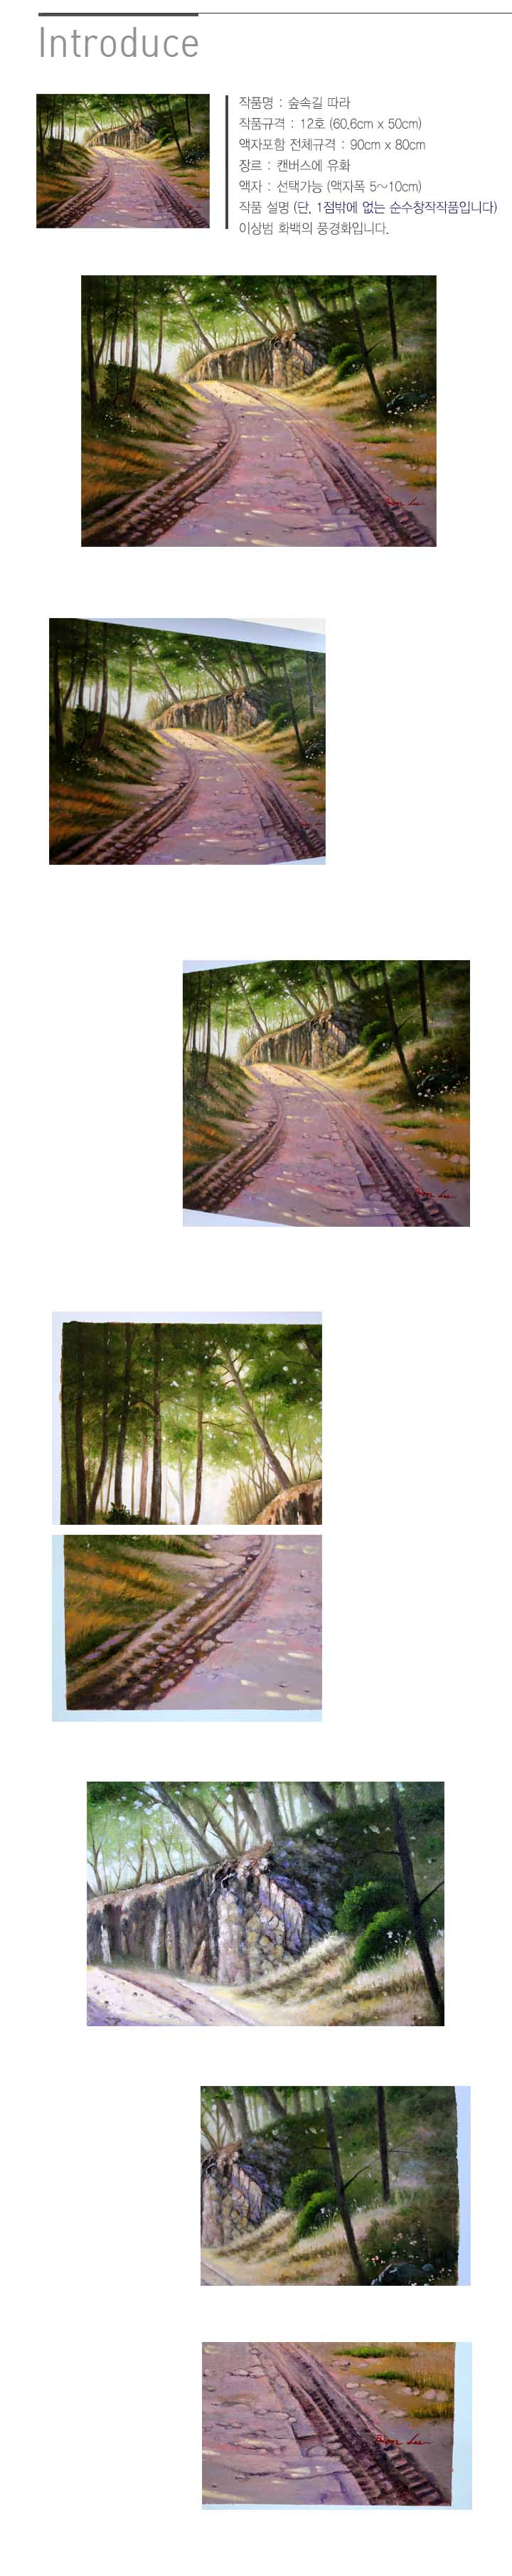 이상범, 이상범 화백, 유화, 유화그림, 유화그림액자, 풍경화, 숲속길 따라